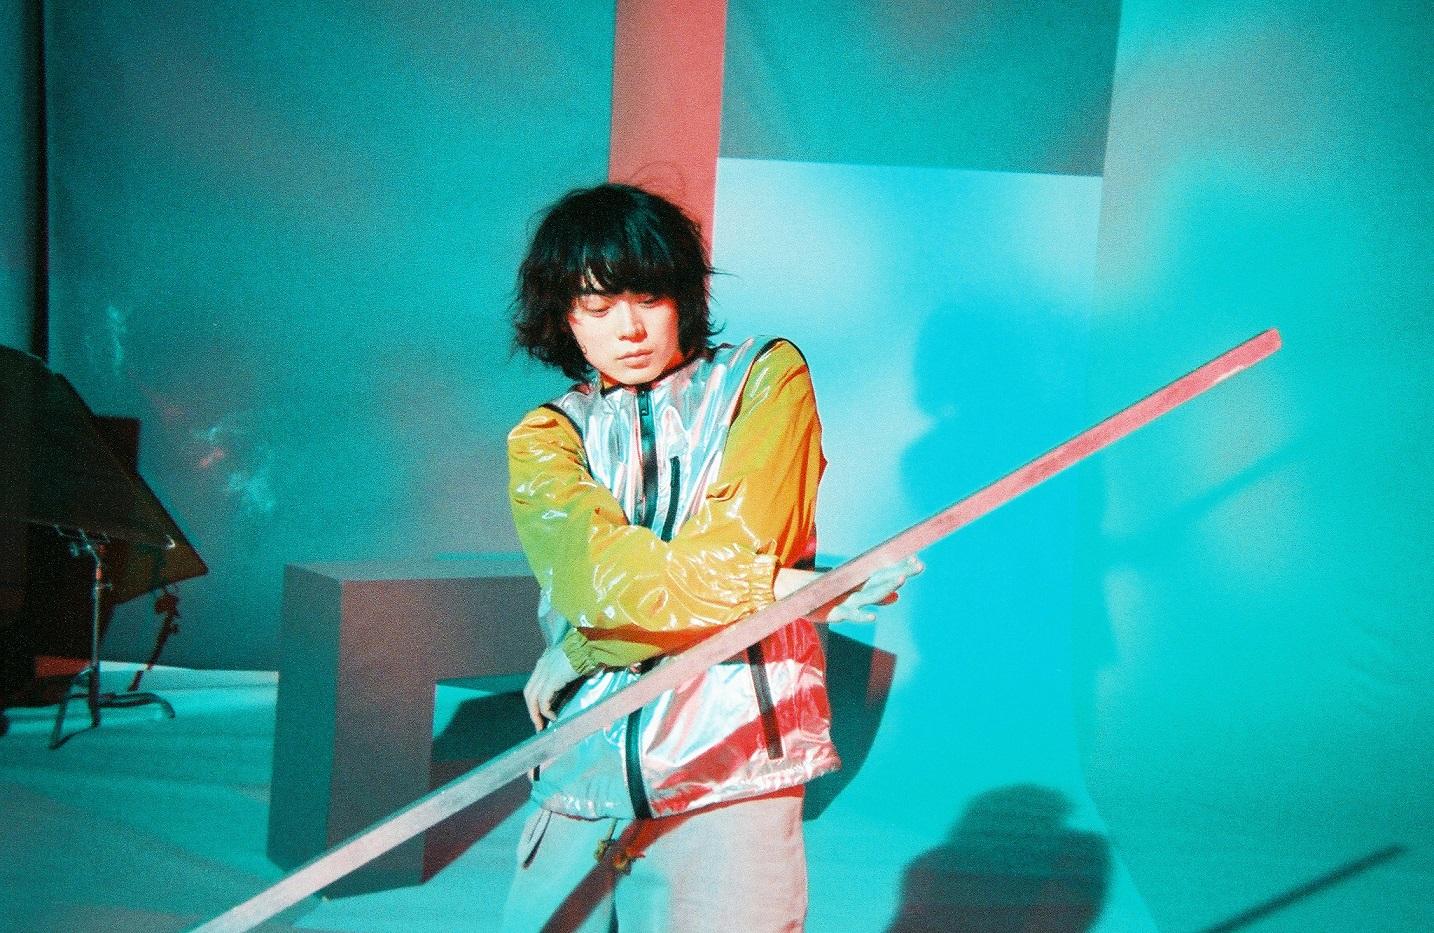 菅田将暉、楽曲のモデルになった人物明かしファンは「羨ましすぎ」「恋した?」サムネイル画像